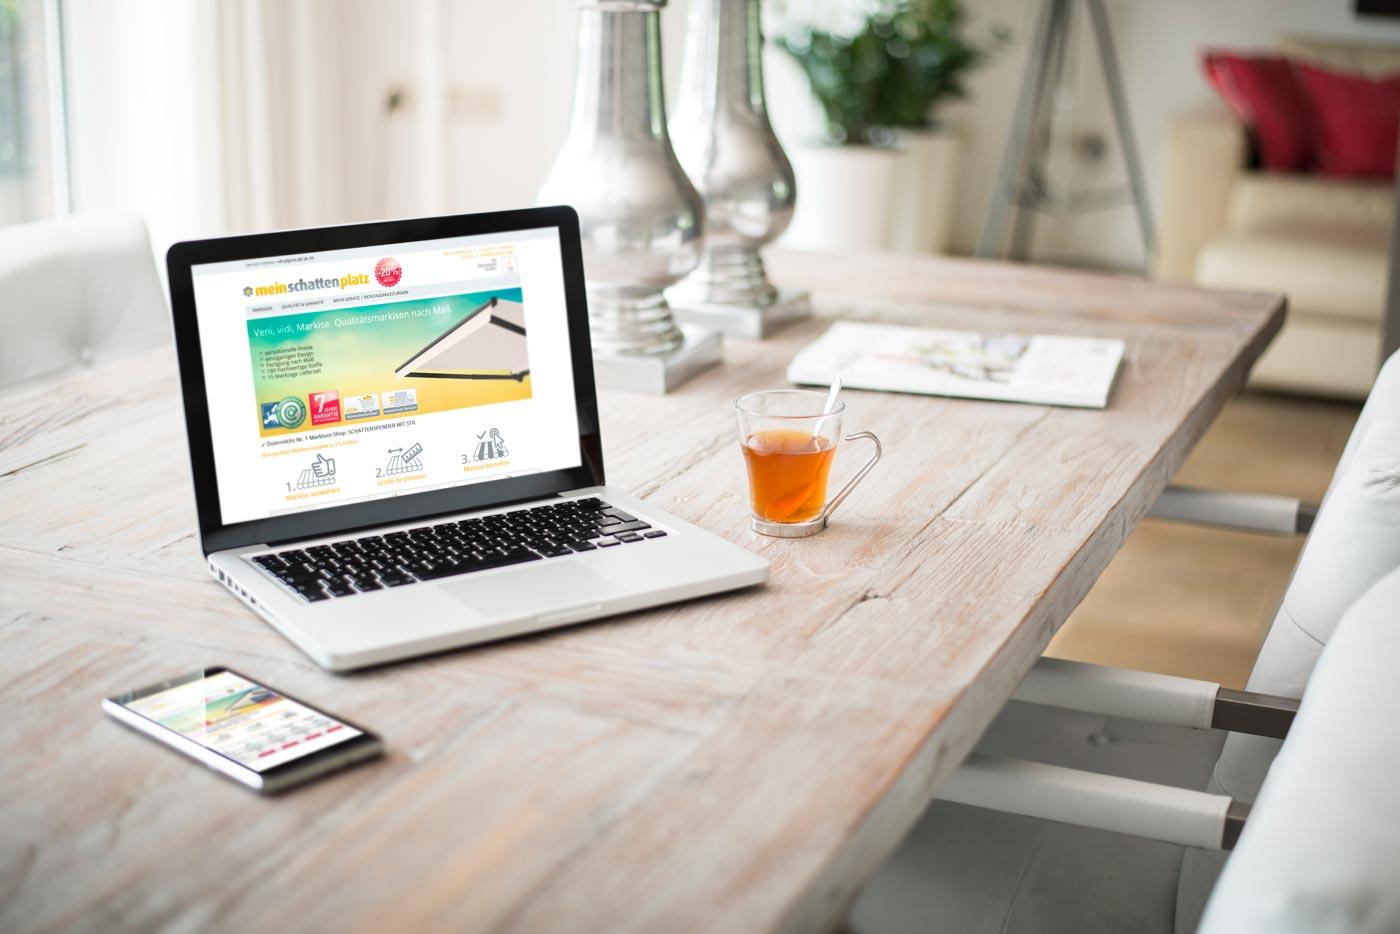 Webshop mit Produktkonfigurator von perfect:net, Dieter Biernat, meinschattenplatz.at